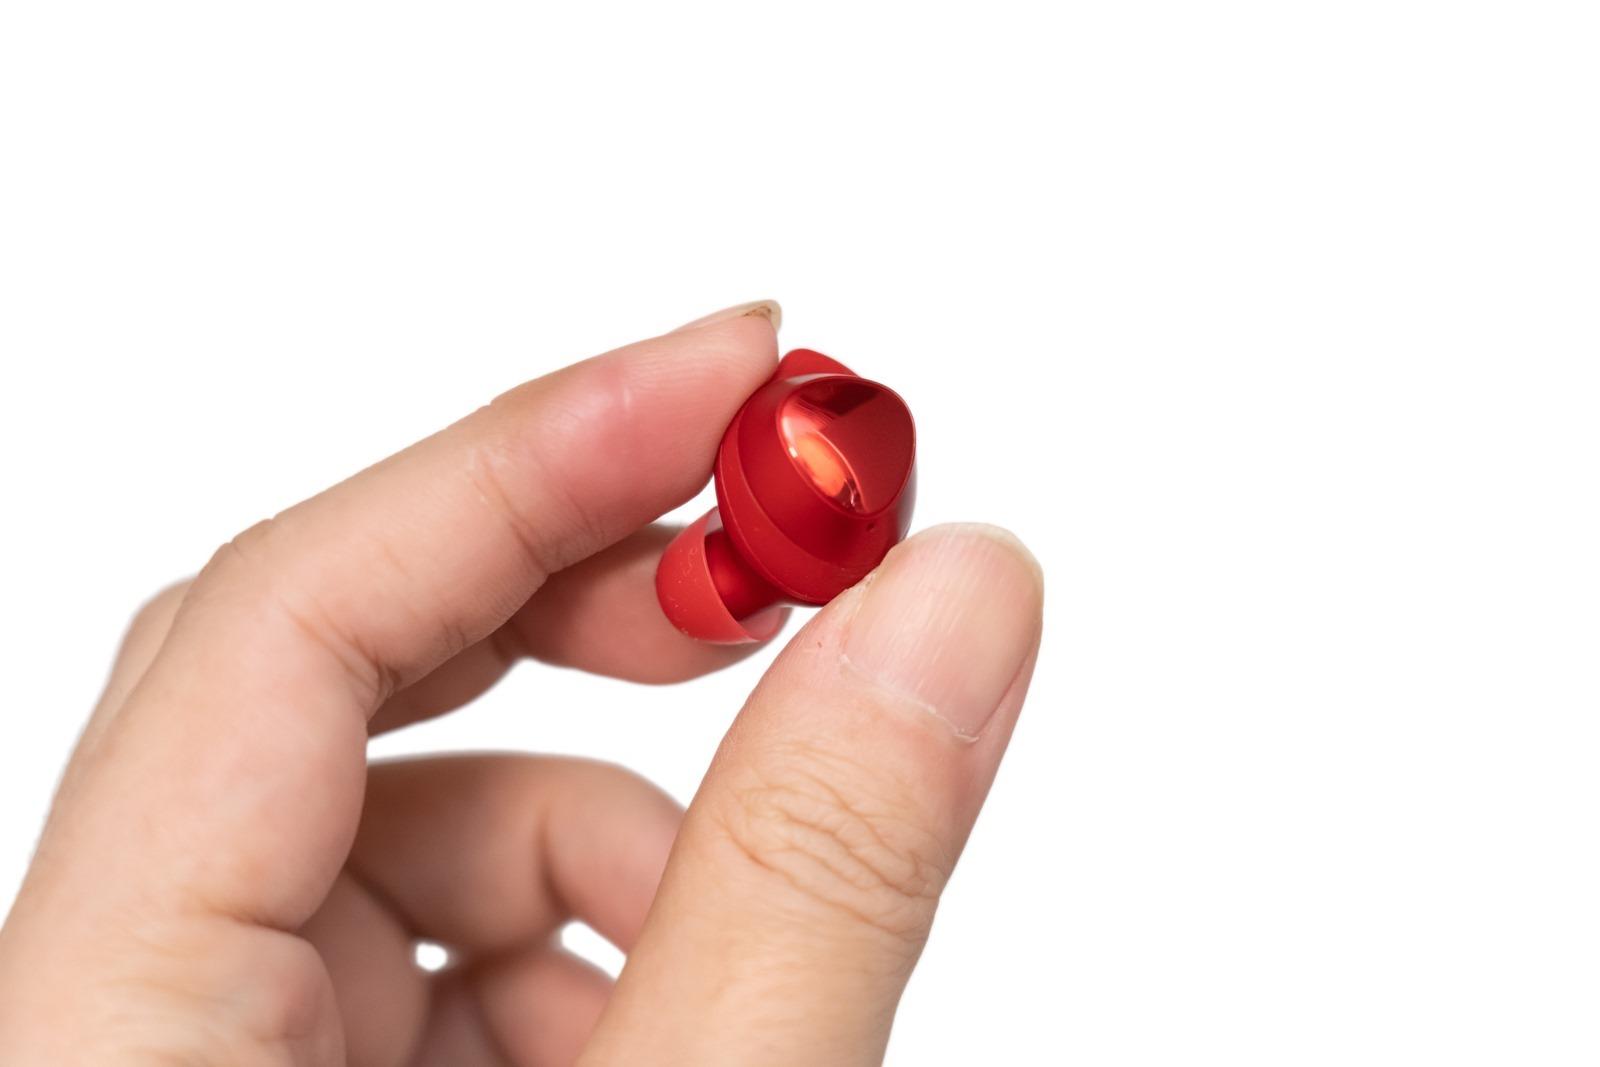 紅色版將要上市!三星真無線耳機 Galaxy Buds+ 魅力新色「石榴紅」開箱搶先看 @3C 達人廖阿輝